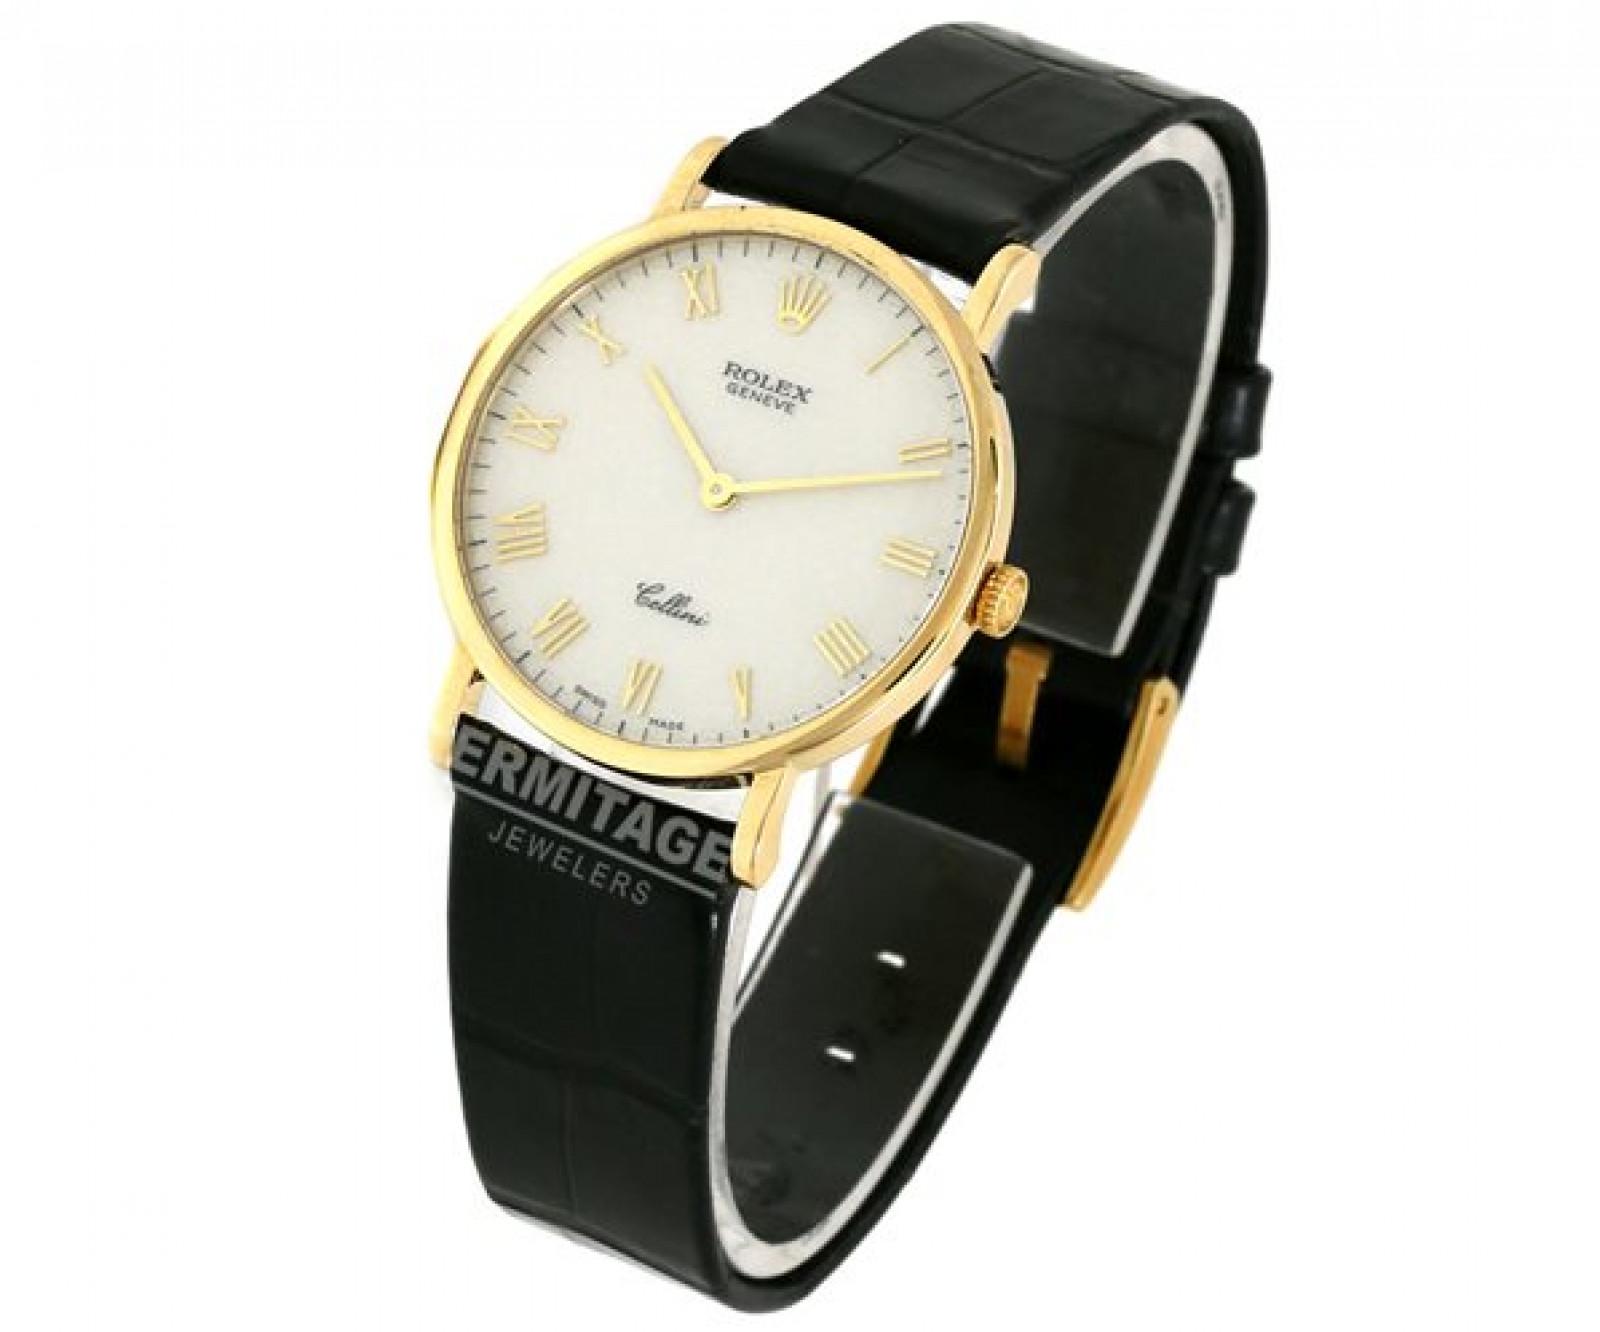 Rolex Cellini 5112 Gold